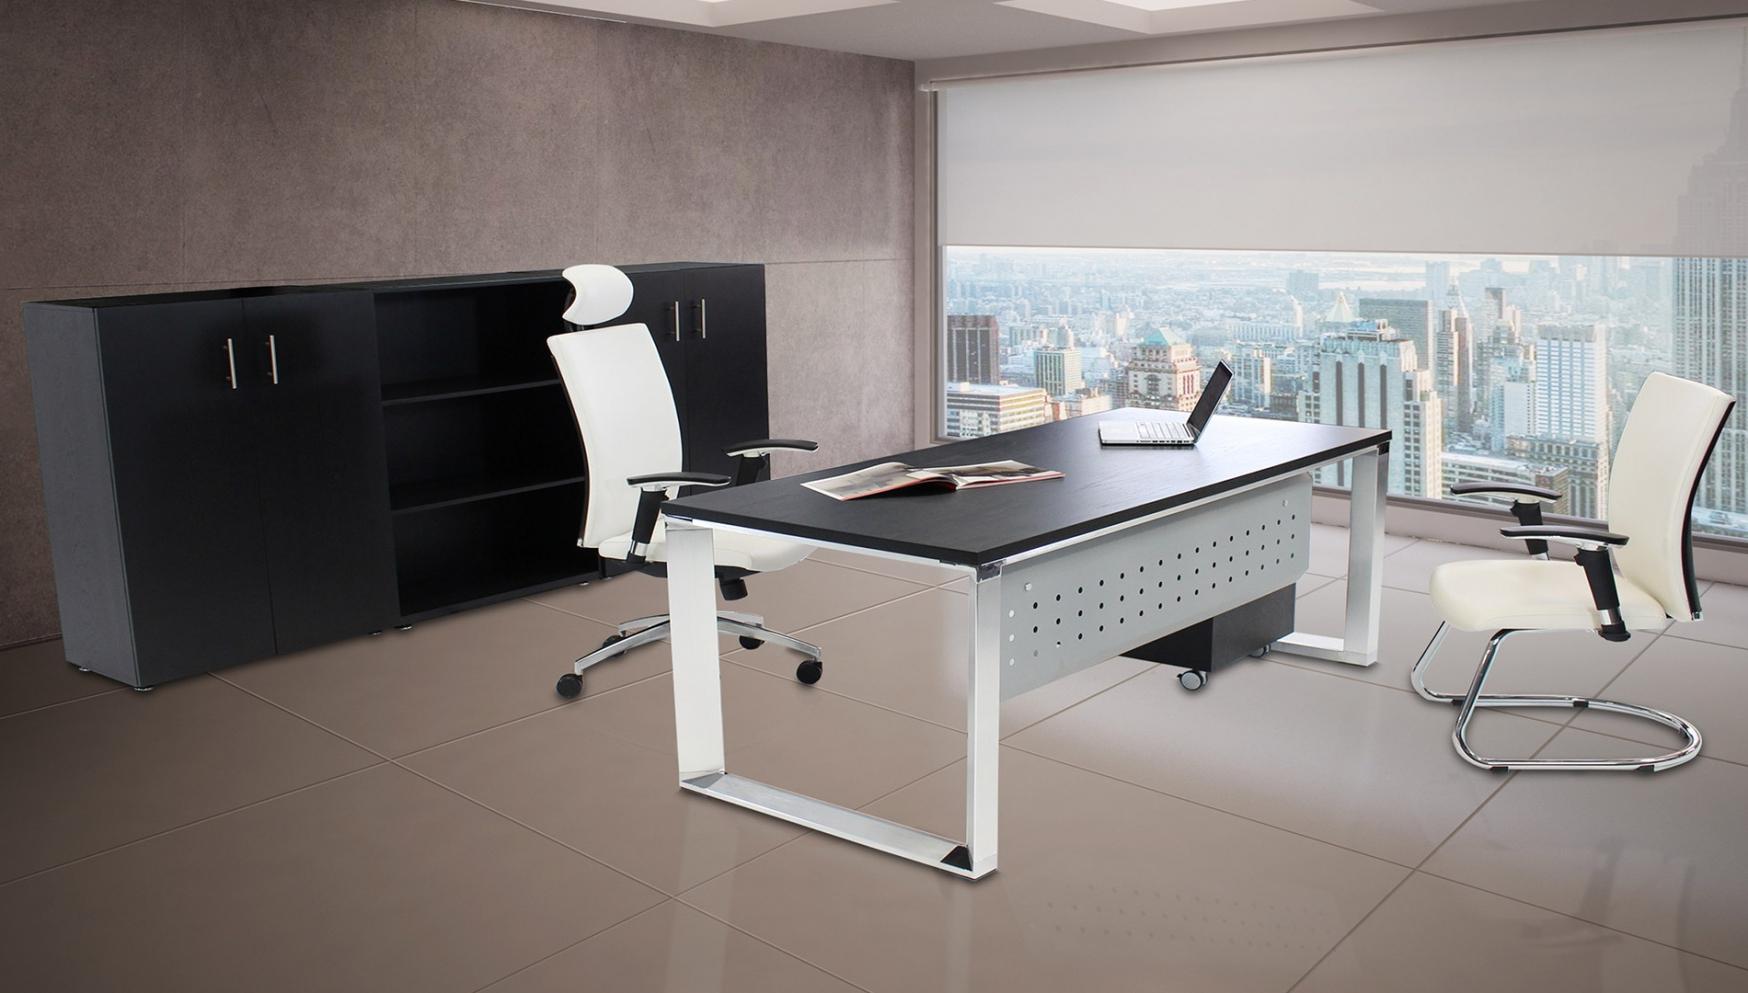 Muebles De Oficina De Segunda Mano Wddj Muebles Oficina Psicologiaymediacion